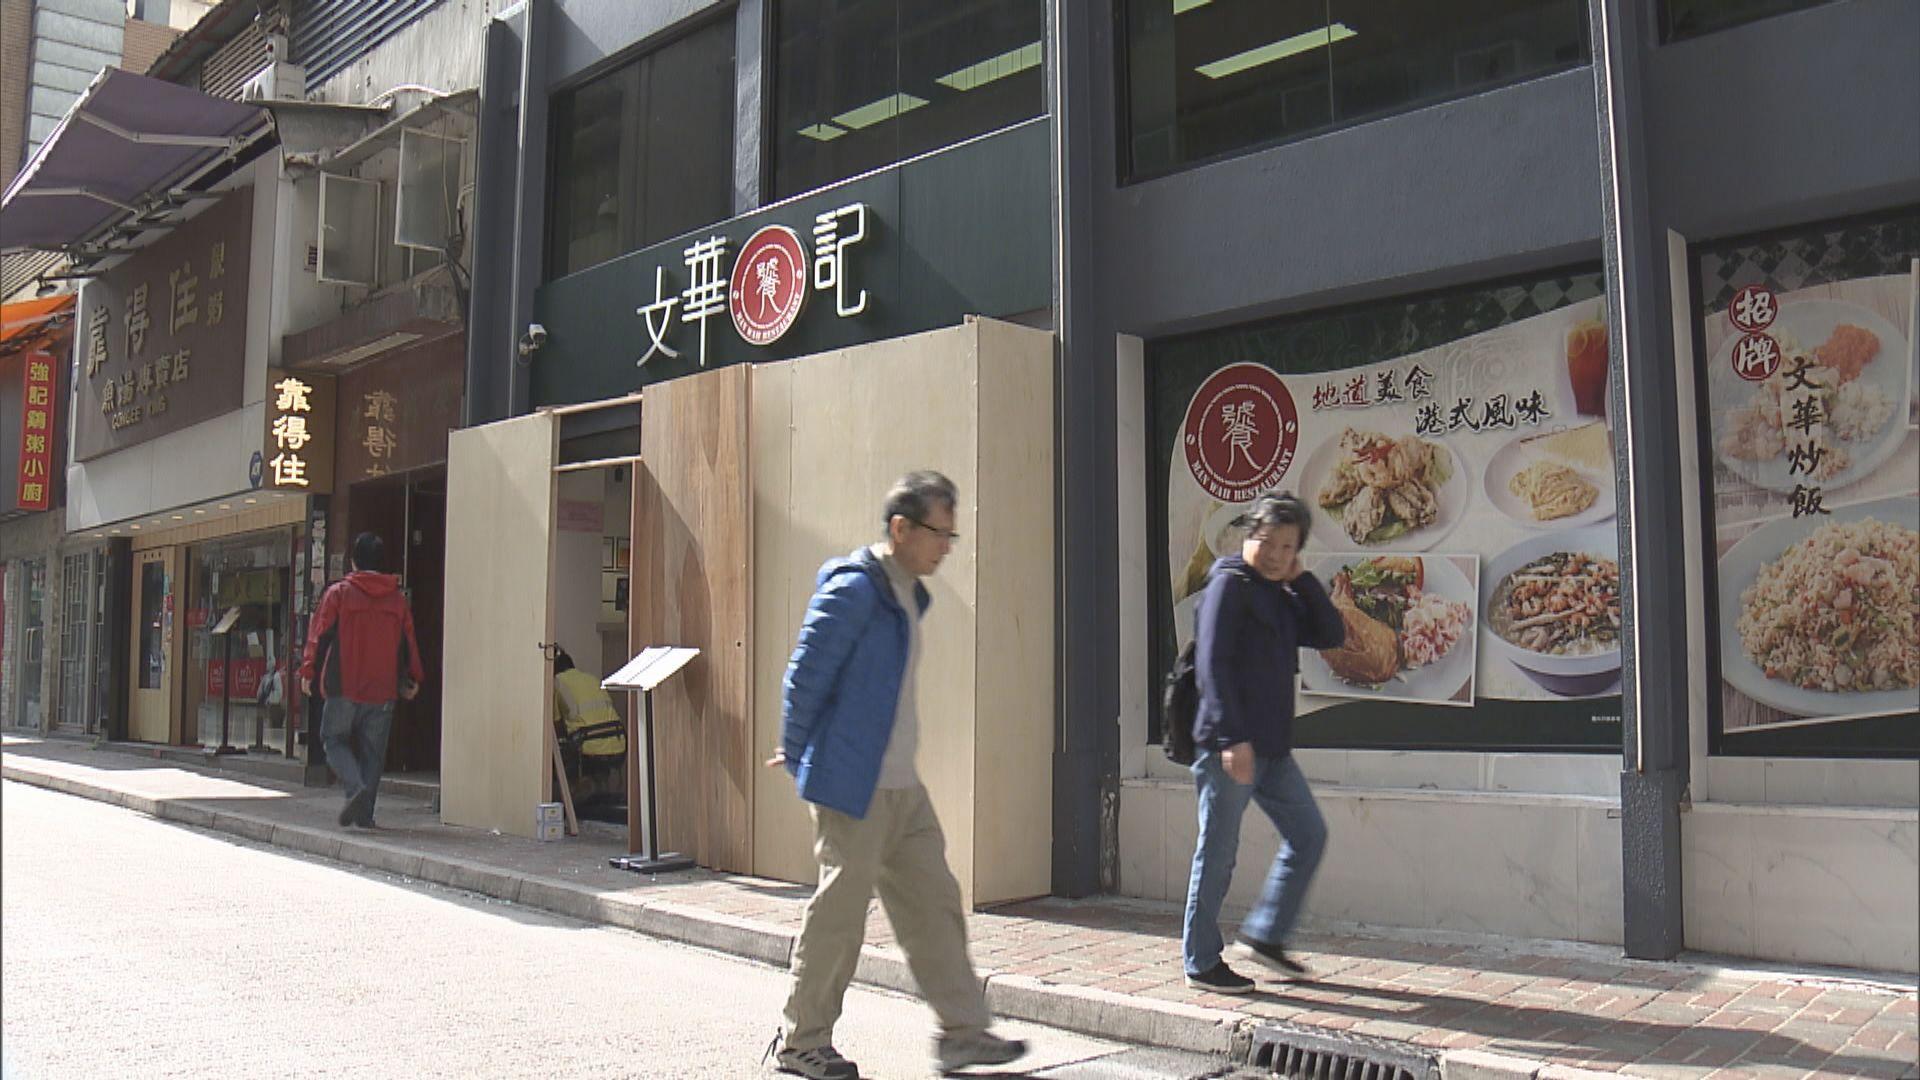 元朗及灣仔有餐廳周六晚被破壞 未有人被捕